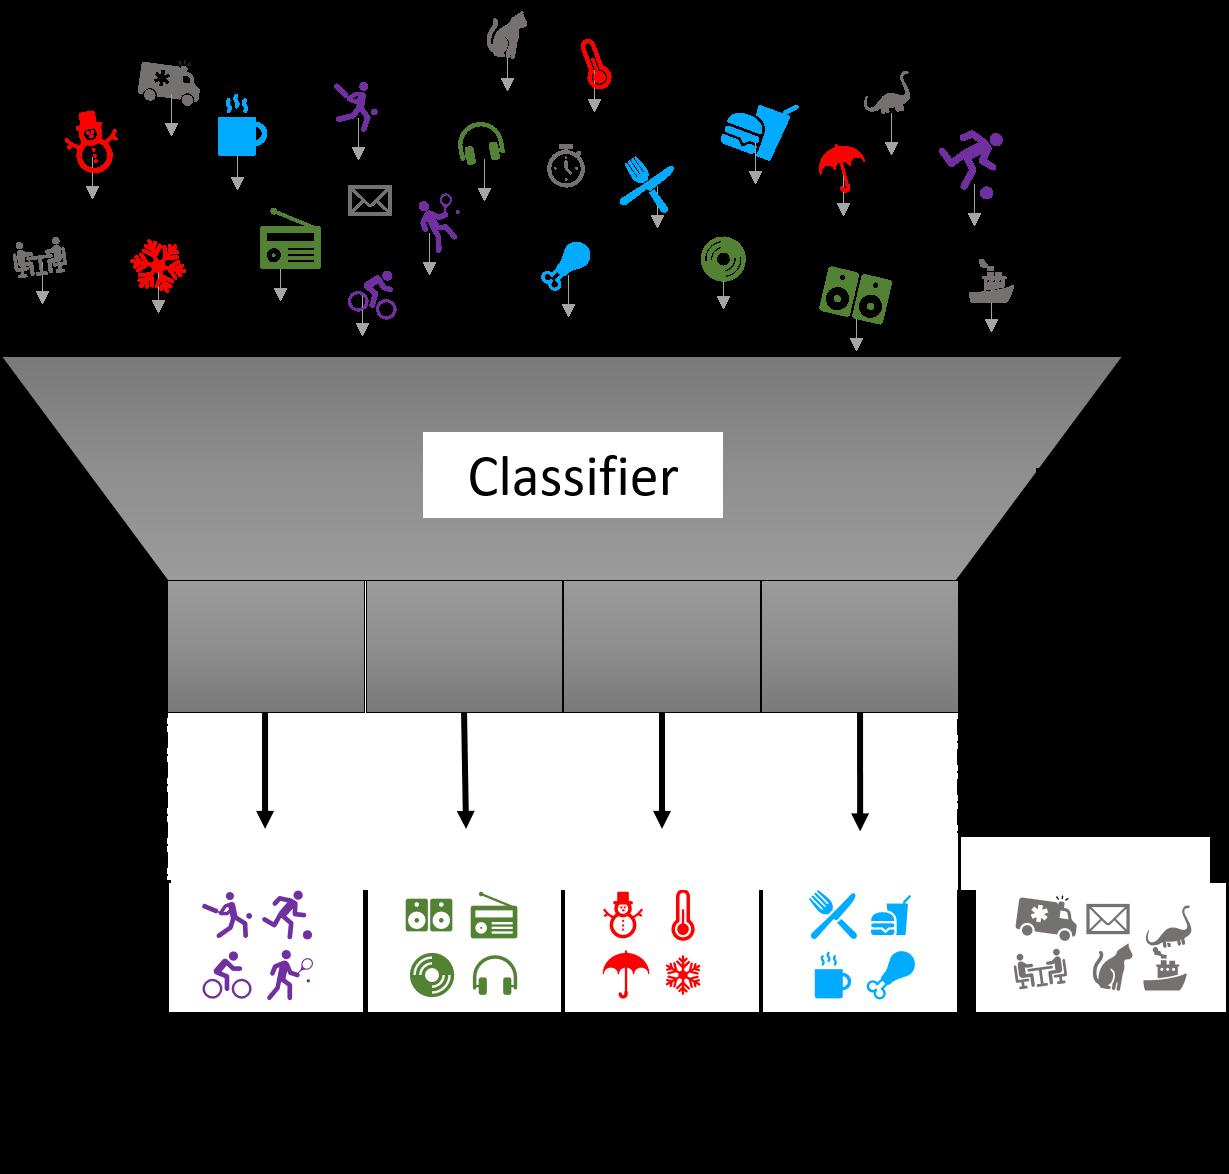 A simple four classes classifier